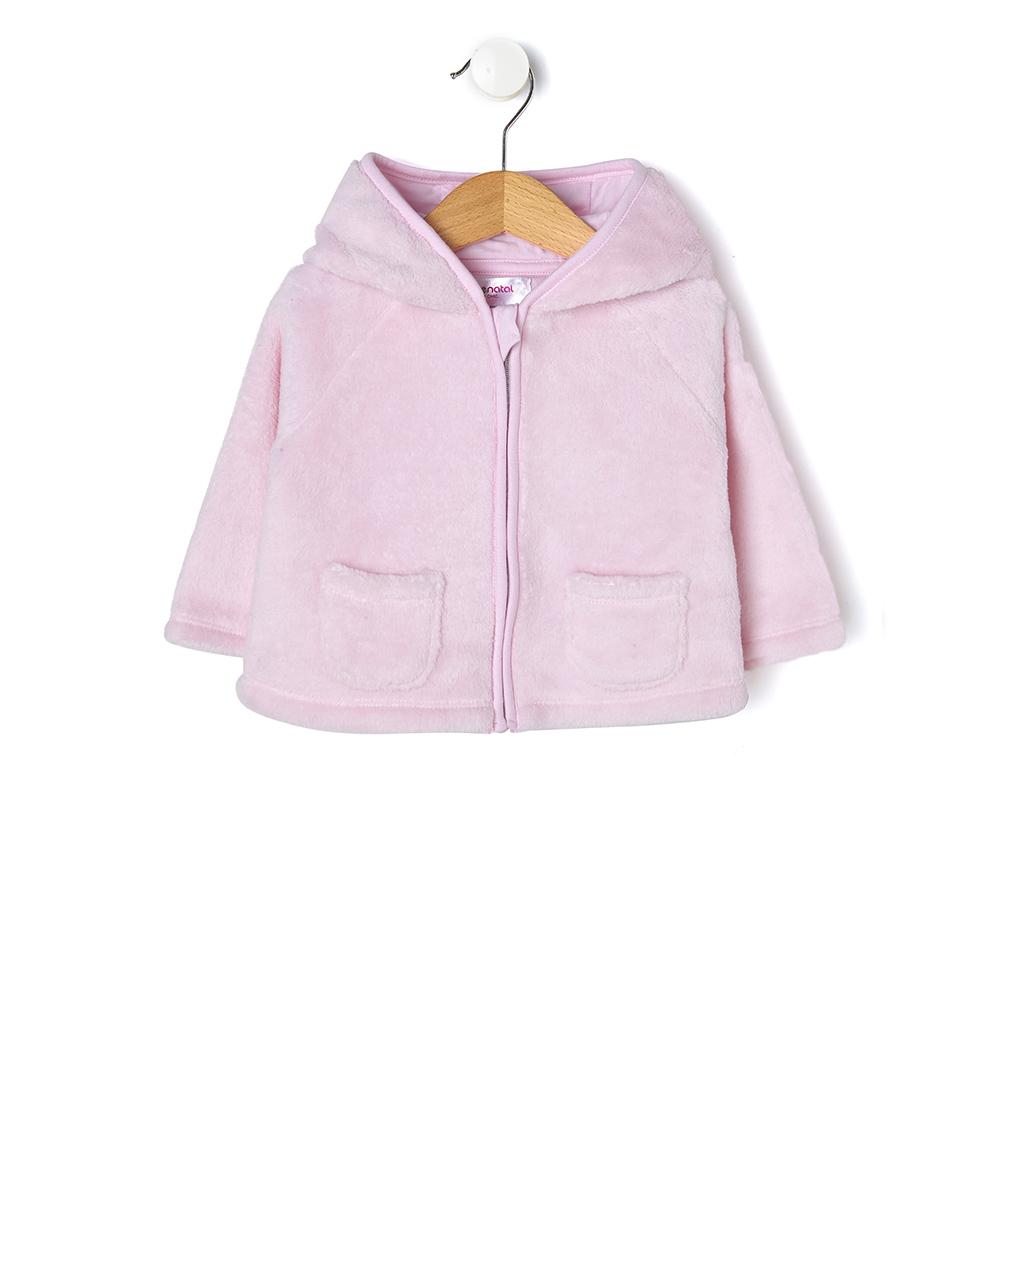 Ζακέτα από ροζ γούνα με κουκούλα